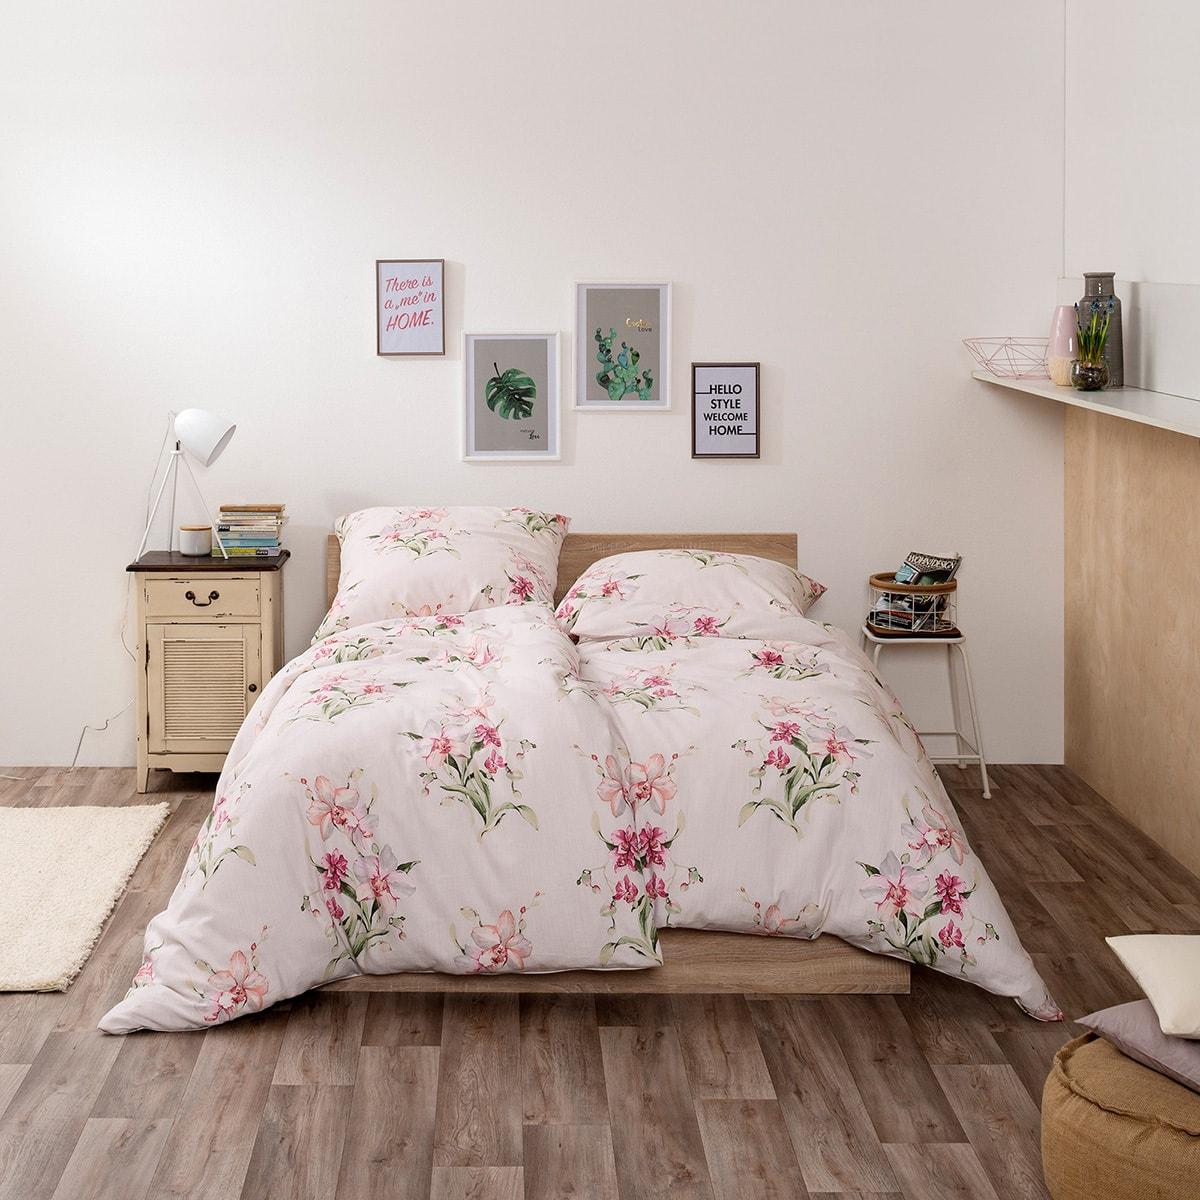 bettdecke herz falten lattenroste 5 cm bettw sche grau t rkis schlafzimmer mit boxspringbetten. Black Bedroom Furniture Sets. Home Design Ideas